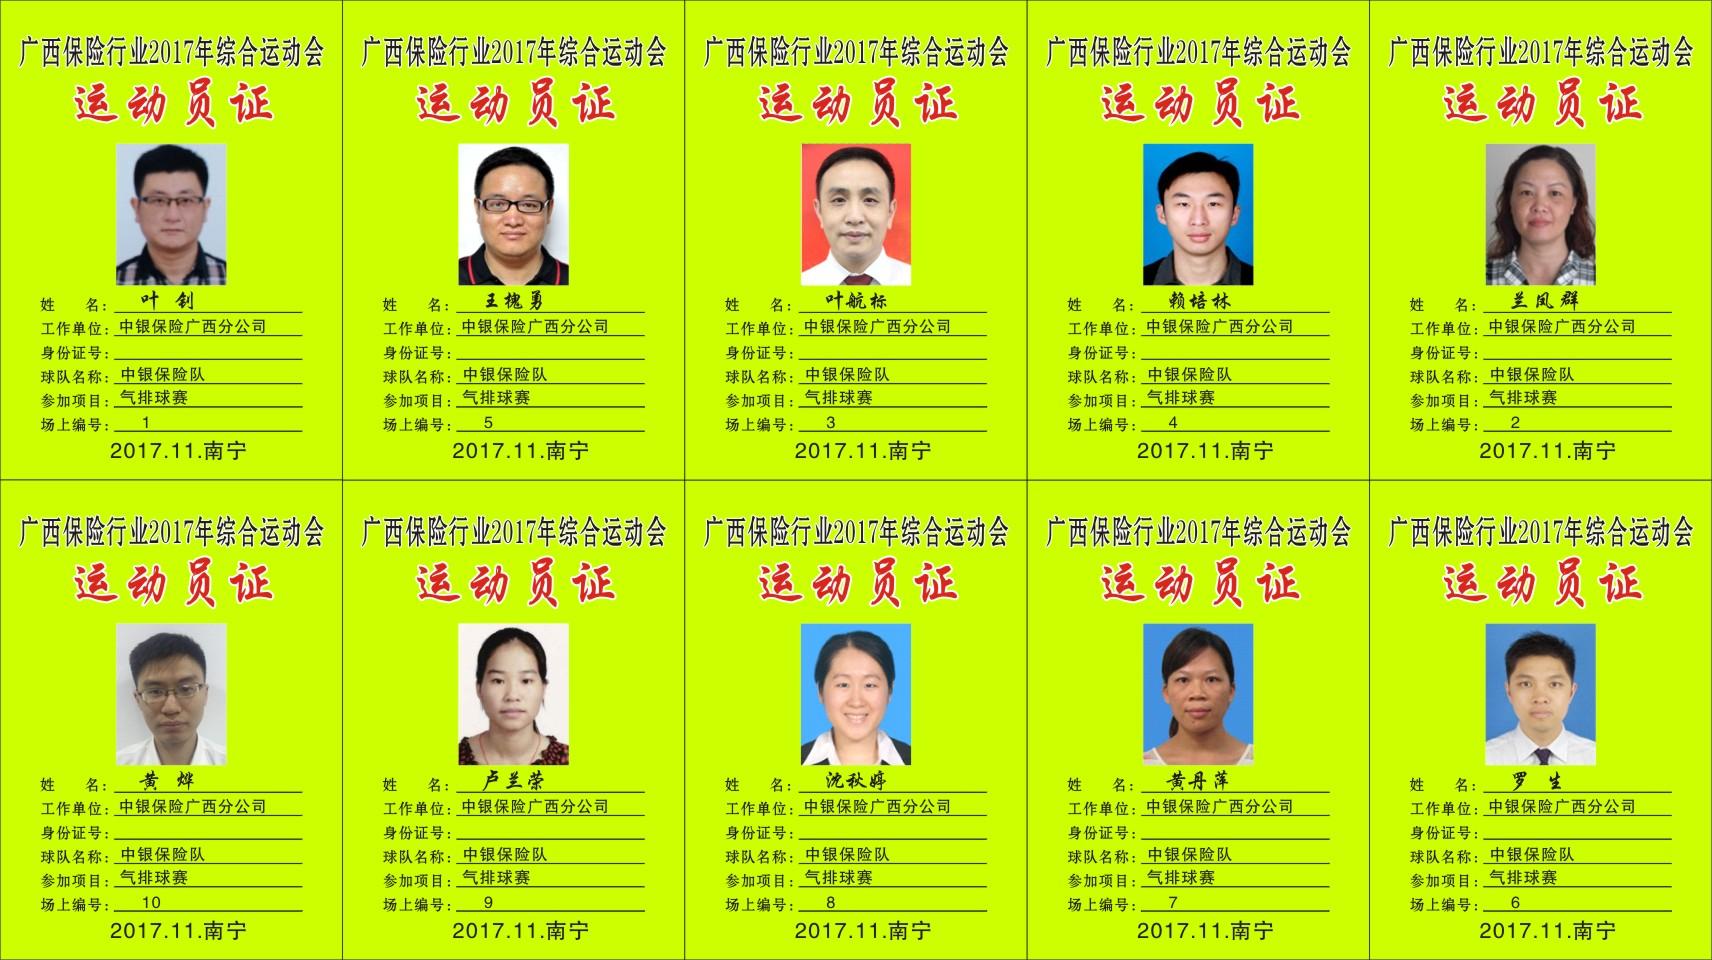 25中银保险广西分公司.jpg